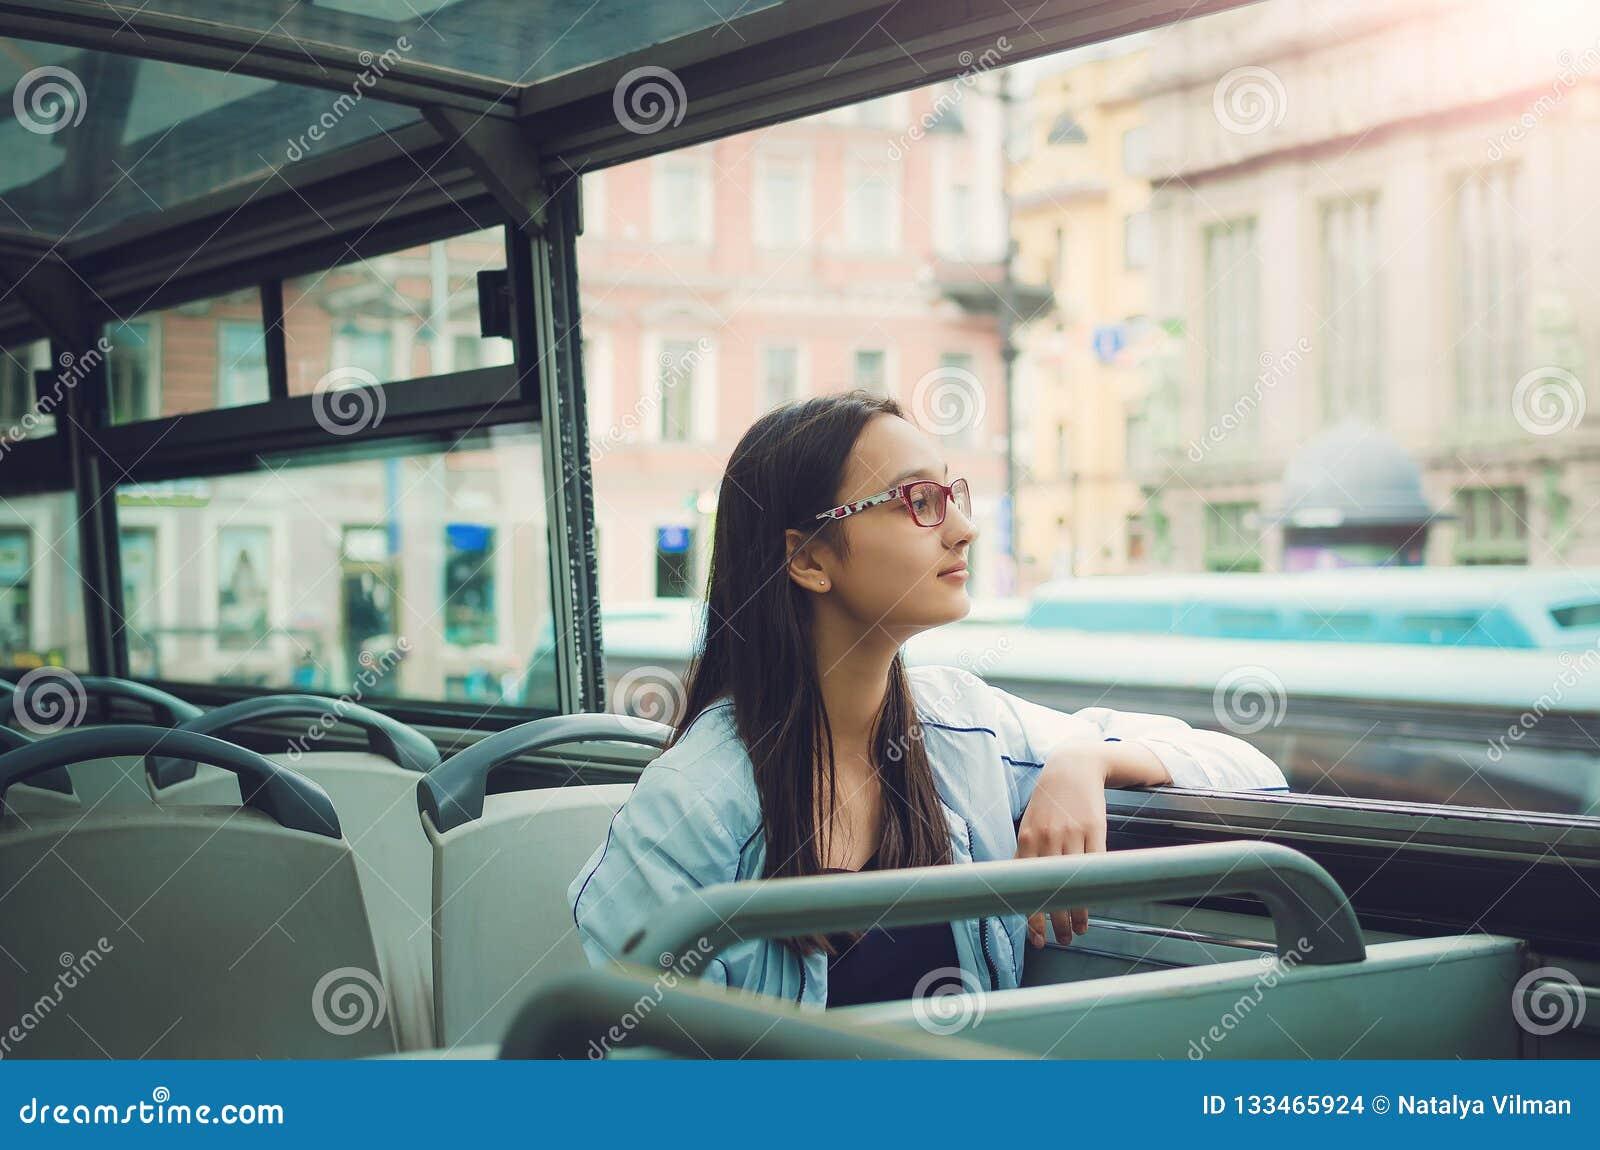 Девушка в стеклах сидит внутри туристического автобуса и взглядов в камеру и смотрит вне окно